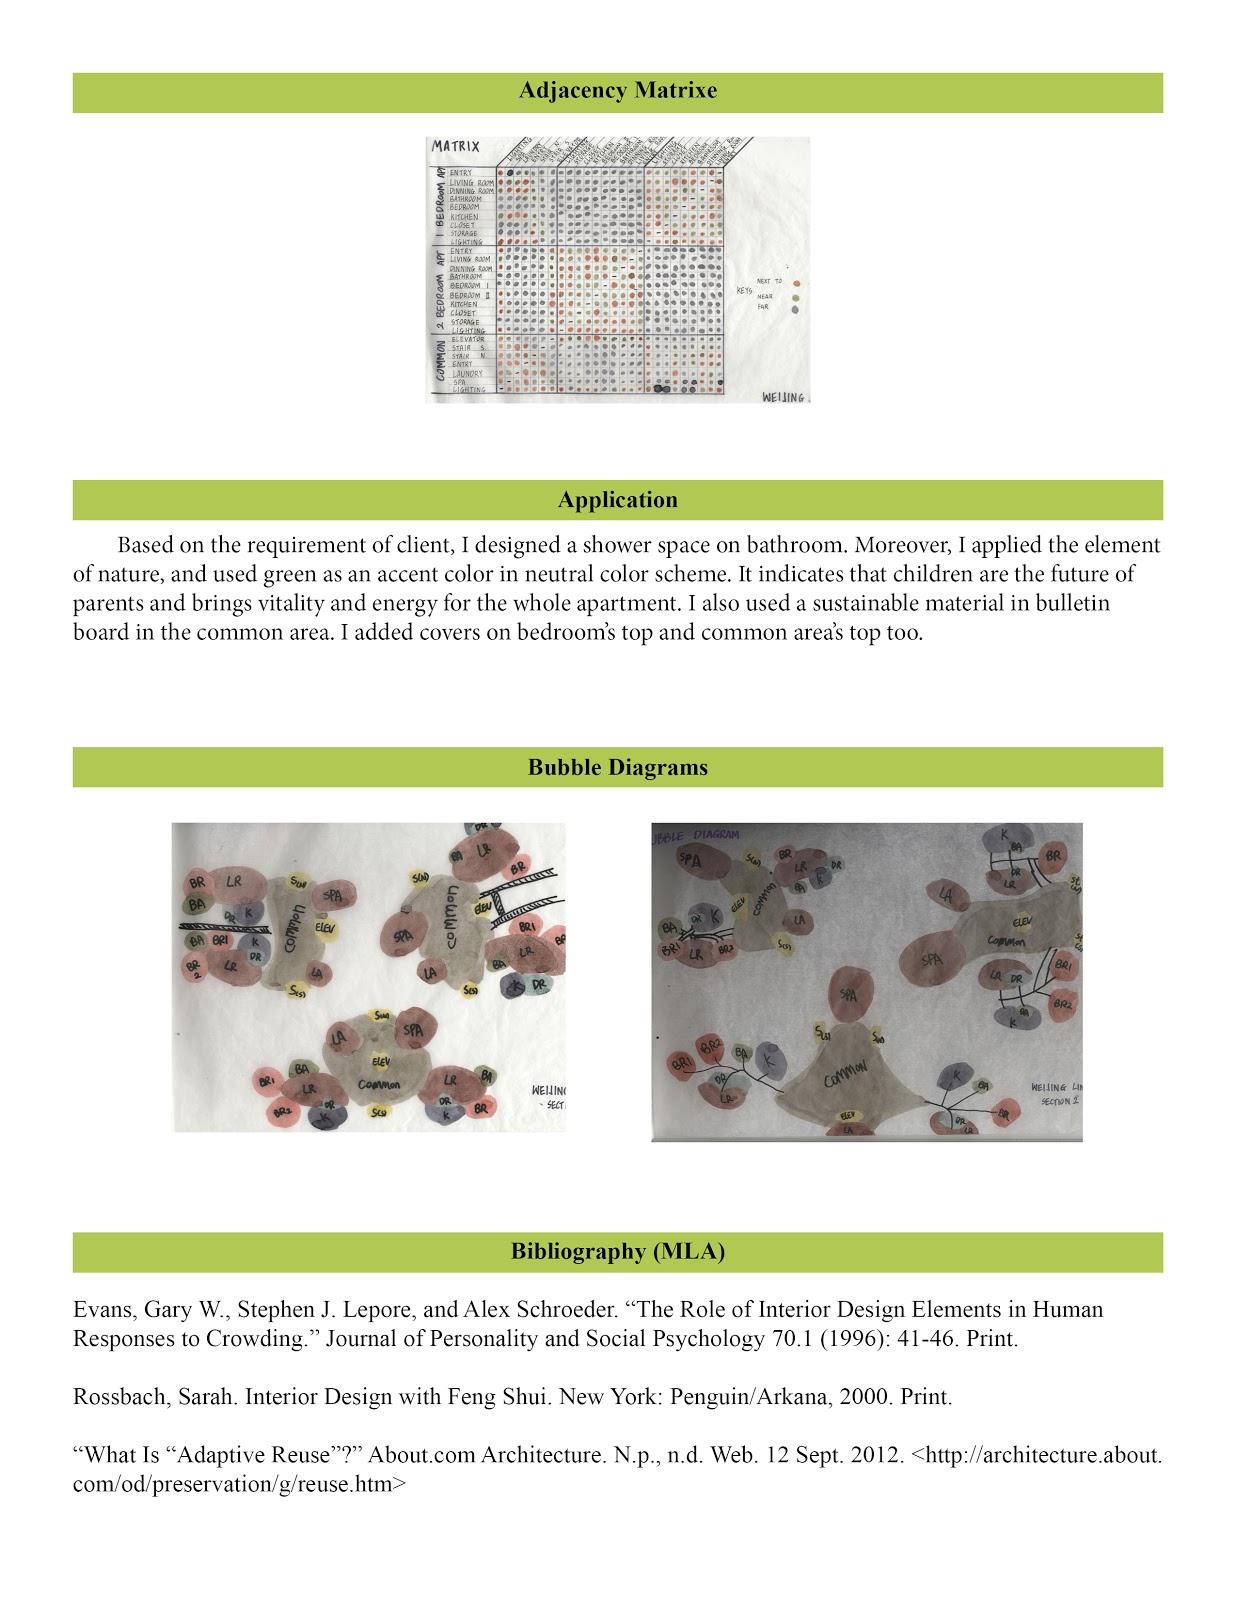 Weijing Lins Design Blog October 2012